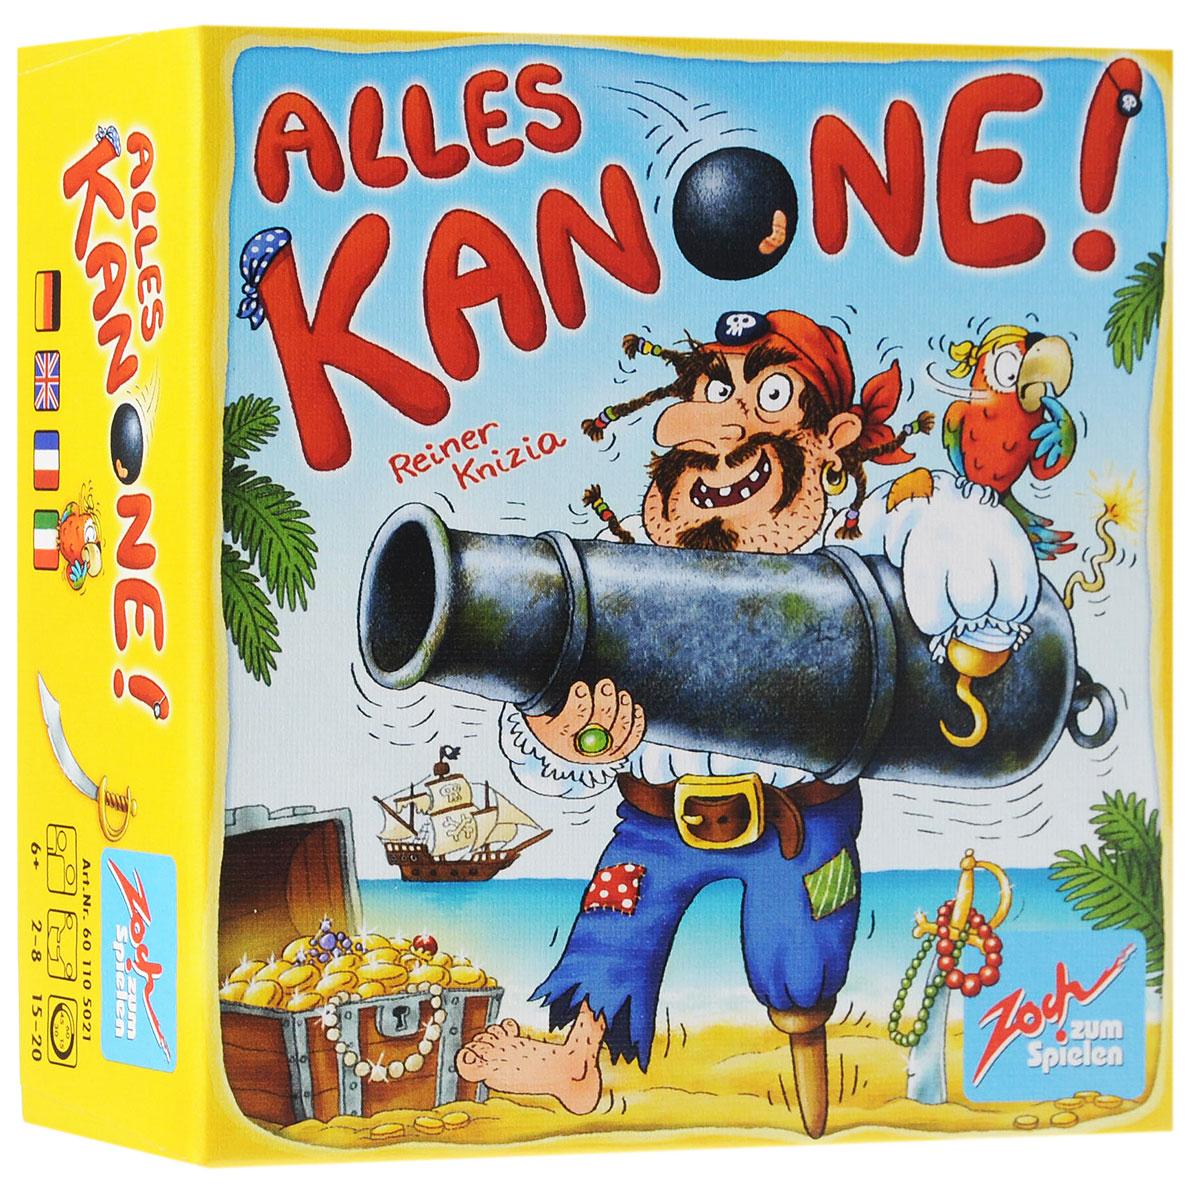 Zoch Настольная игра Аллес ПиратыУТ100002035Настольная игра Zoch Аллес. Пираты - это быстрая игра на память, а главное реакцию. Легкомысленная и динамичная, с симпатичным оформлением. На картах вы увидите кривую саблю, подзорную трубу, попугая и милого Кракена... Игроки должны запоминать предметы, находящиеся на закрытых картах, а в момент появления из колоды карты той же темы, первыми выкрикнуть название предмета с закрытой карты. Состав игры: 7 тематических карт с фоном 7 разных цветов, 49 пиратских карт с фоном 7 разных цветов.